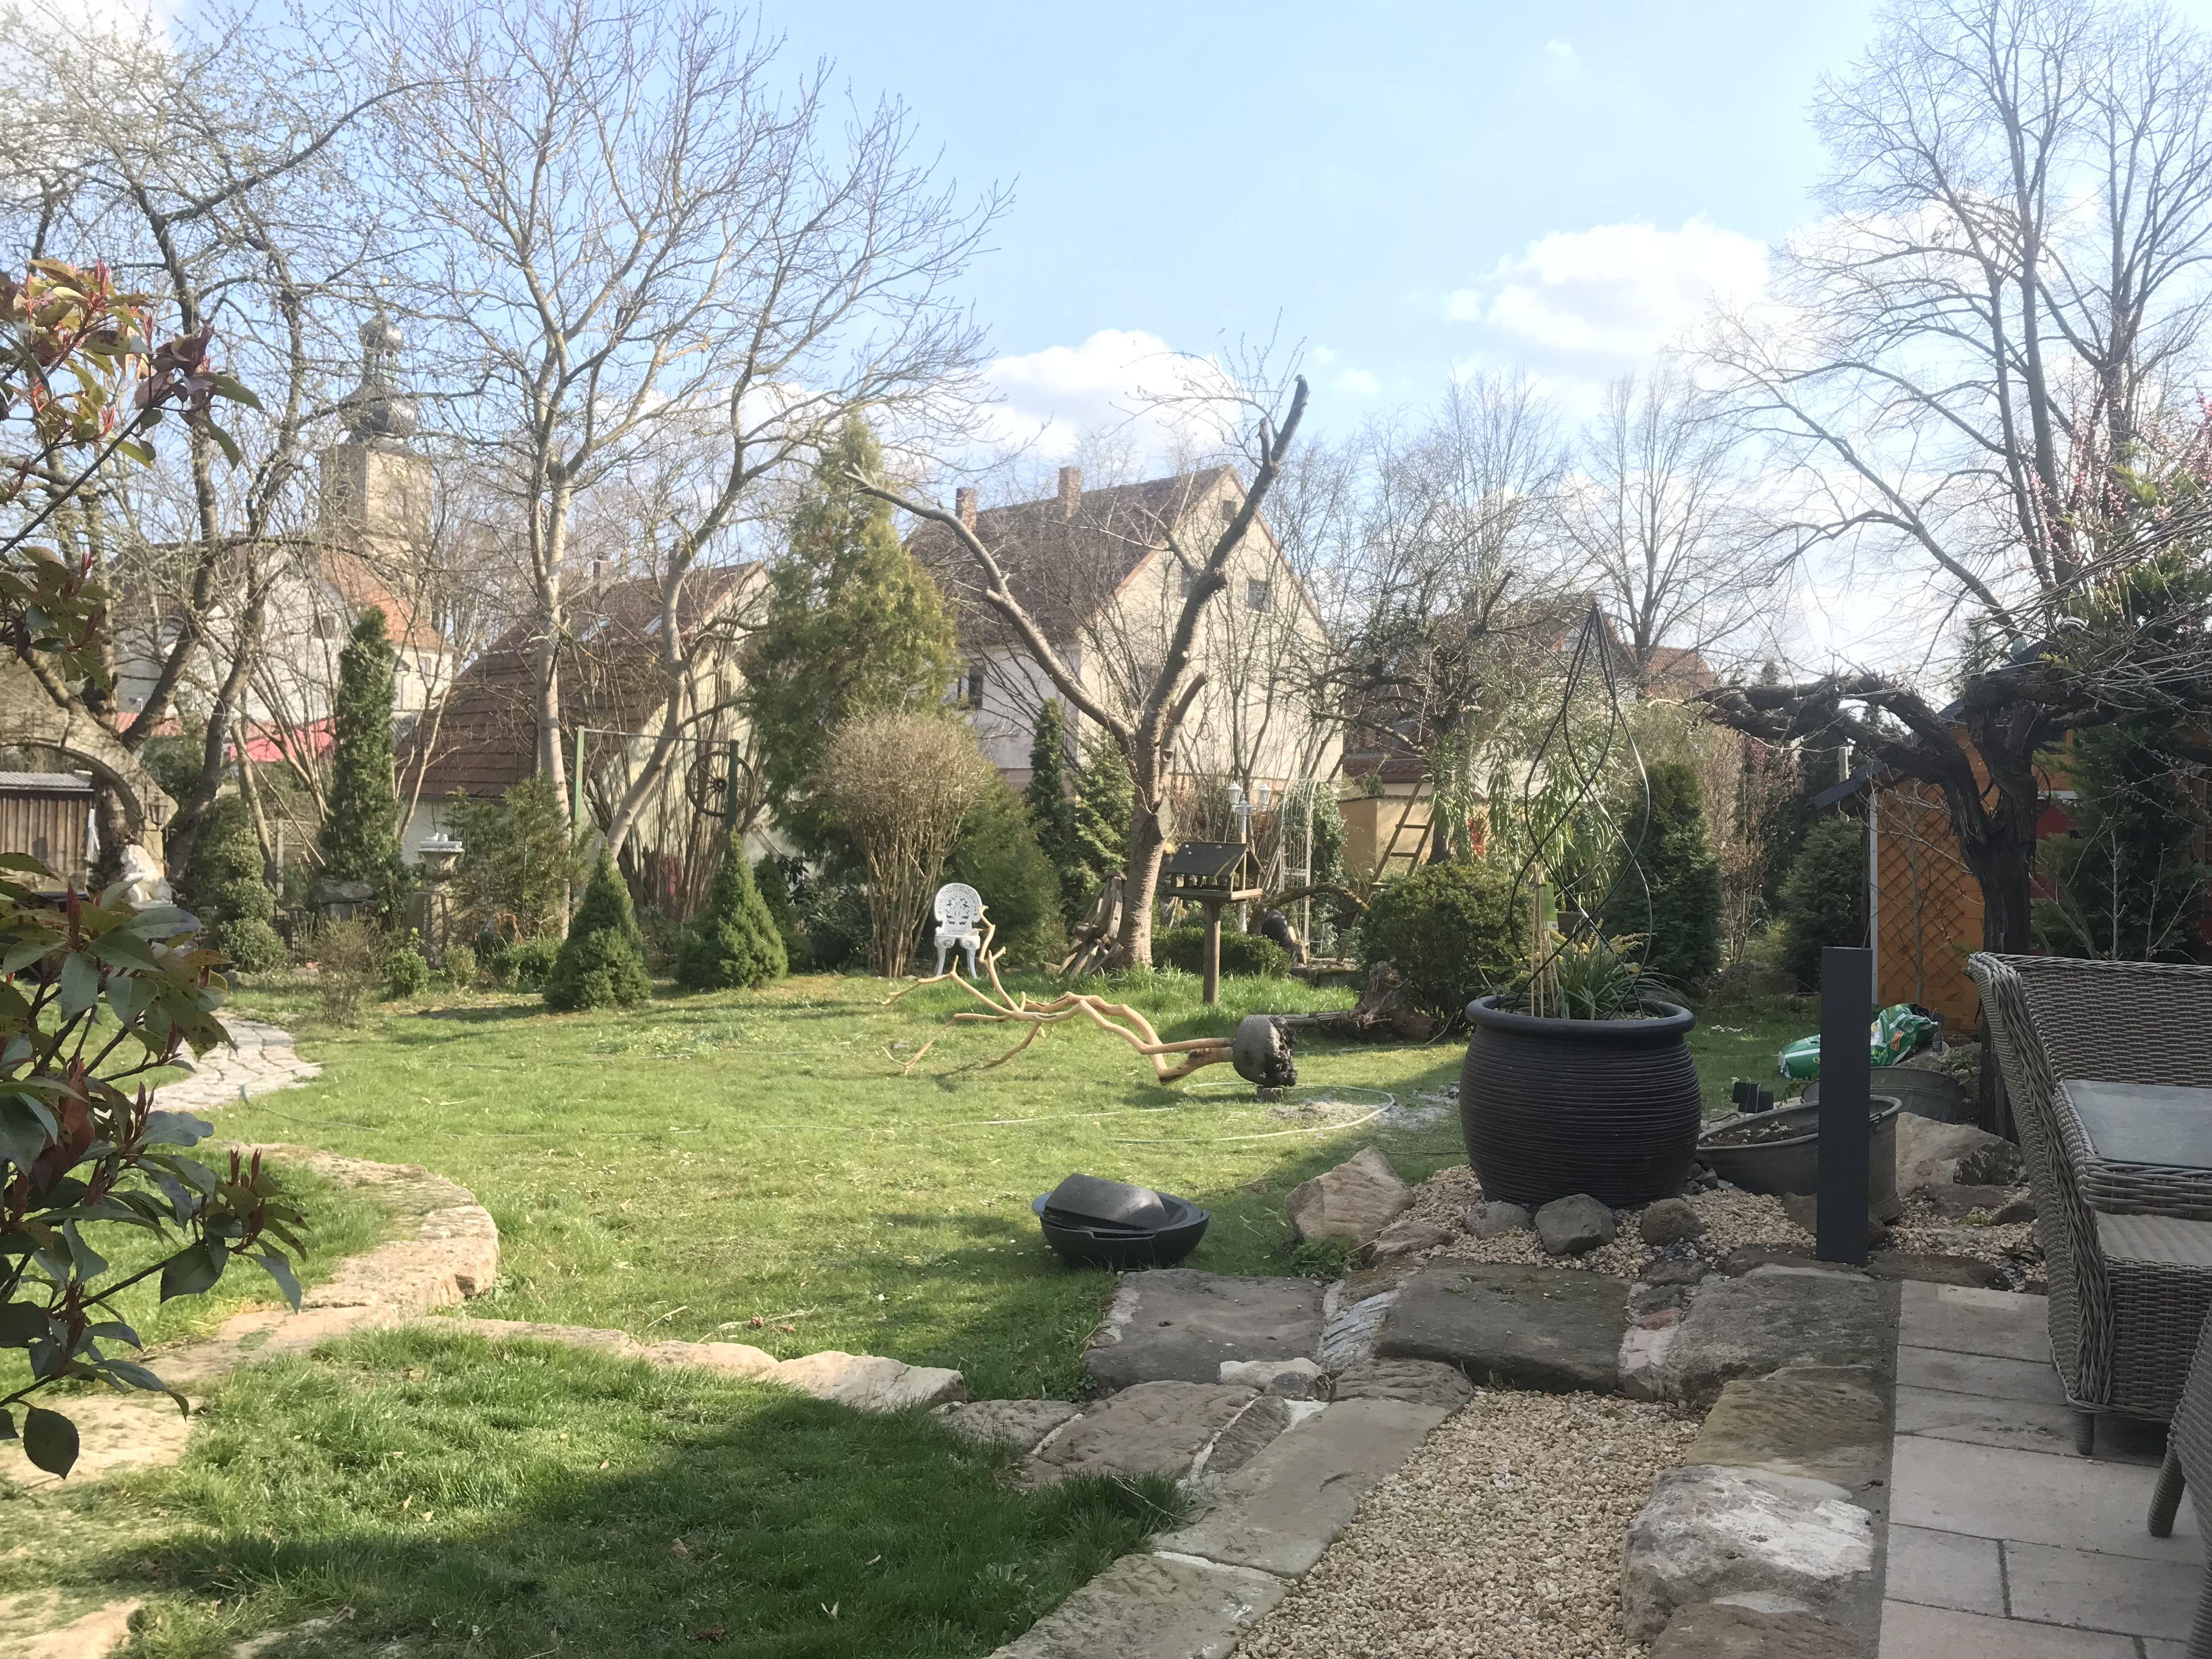 Perspektivenwechel Wenn Garten Etagen Hat Untenliegende Bereiche Feuchtigkeitsbestandig Bepflanzen Obere Ebenen Trockenvertraglich Natu Garten Natur Abfluss